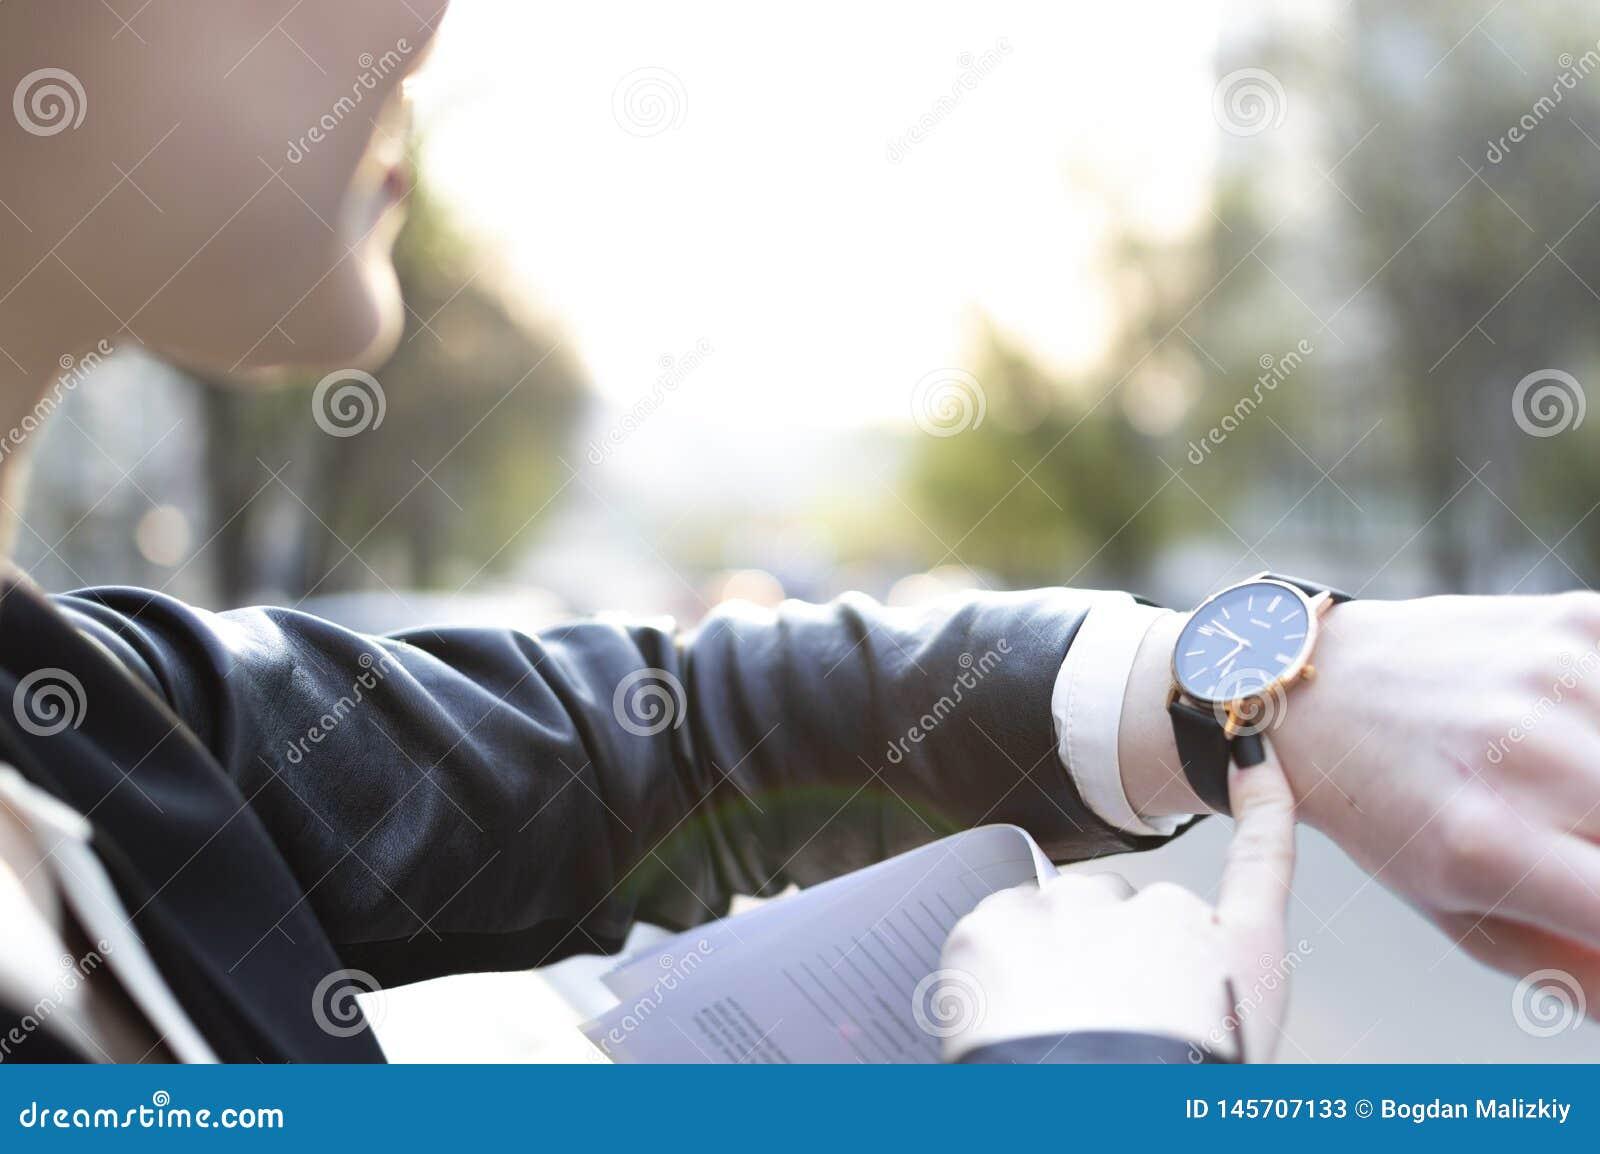 Mädchen betrachtet die Uhr, die Sonne glänzt in der Kamera